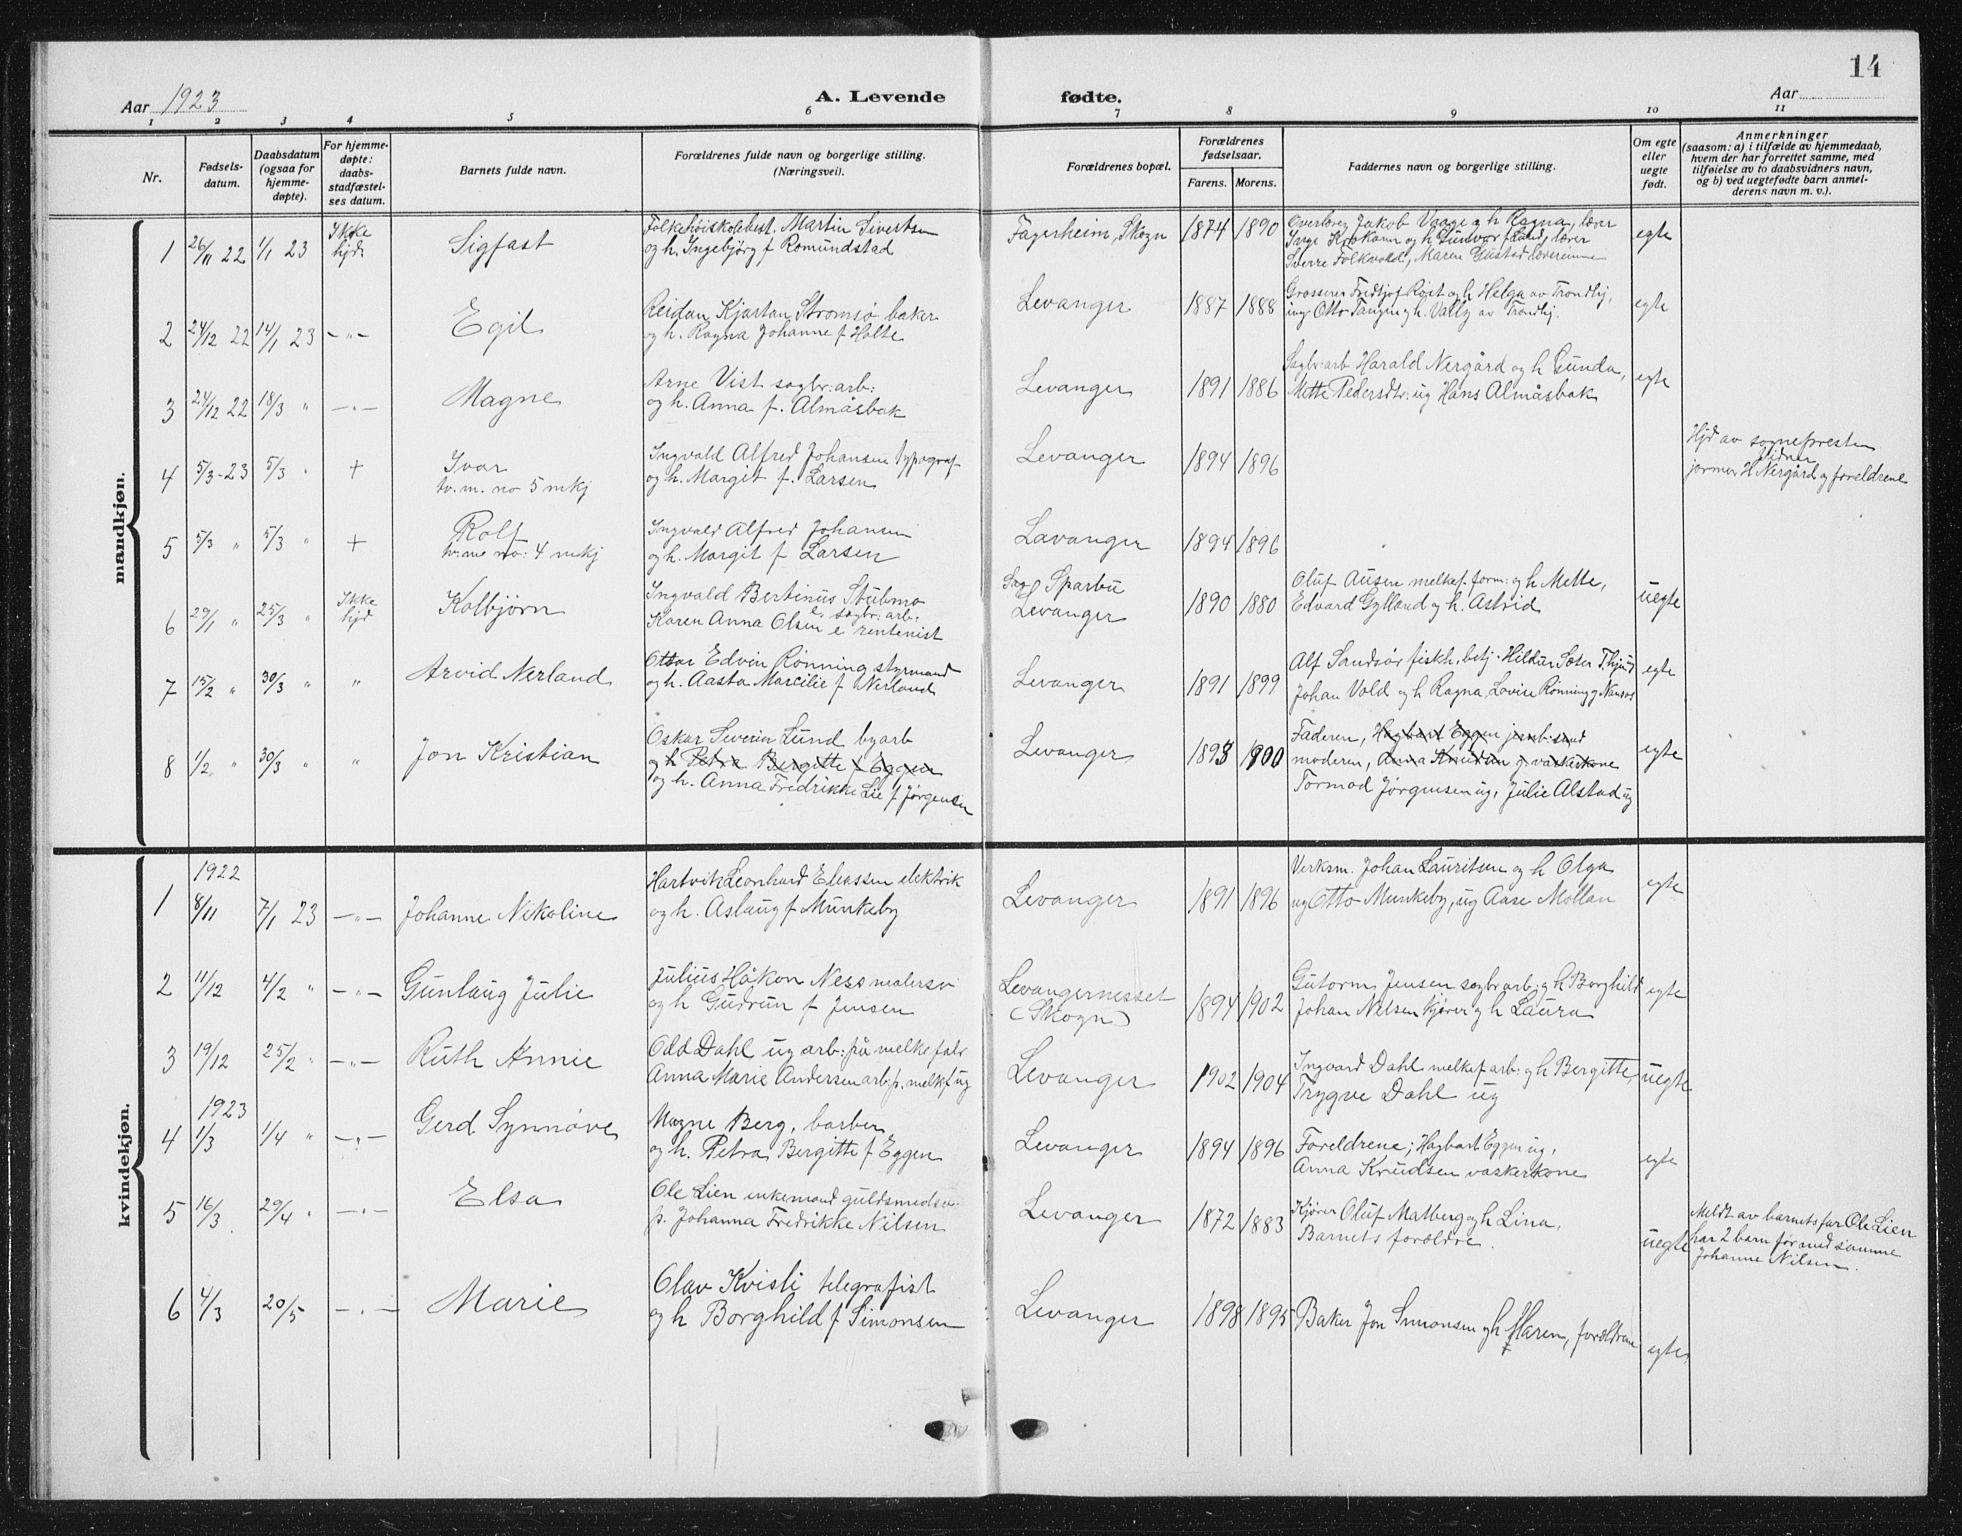 SAT, Ministerialprotokoller, klokkerbøker og fødselsregistre - Nord-Trøndelag, 720/L0193: Klokkerbok nr. 720C02, 1918-1941, s. 14